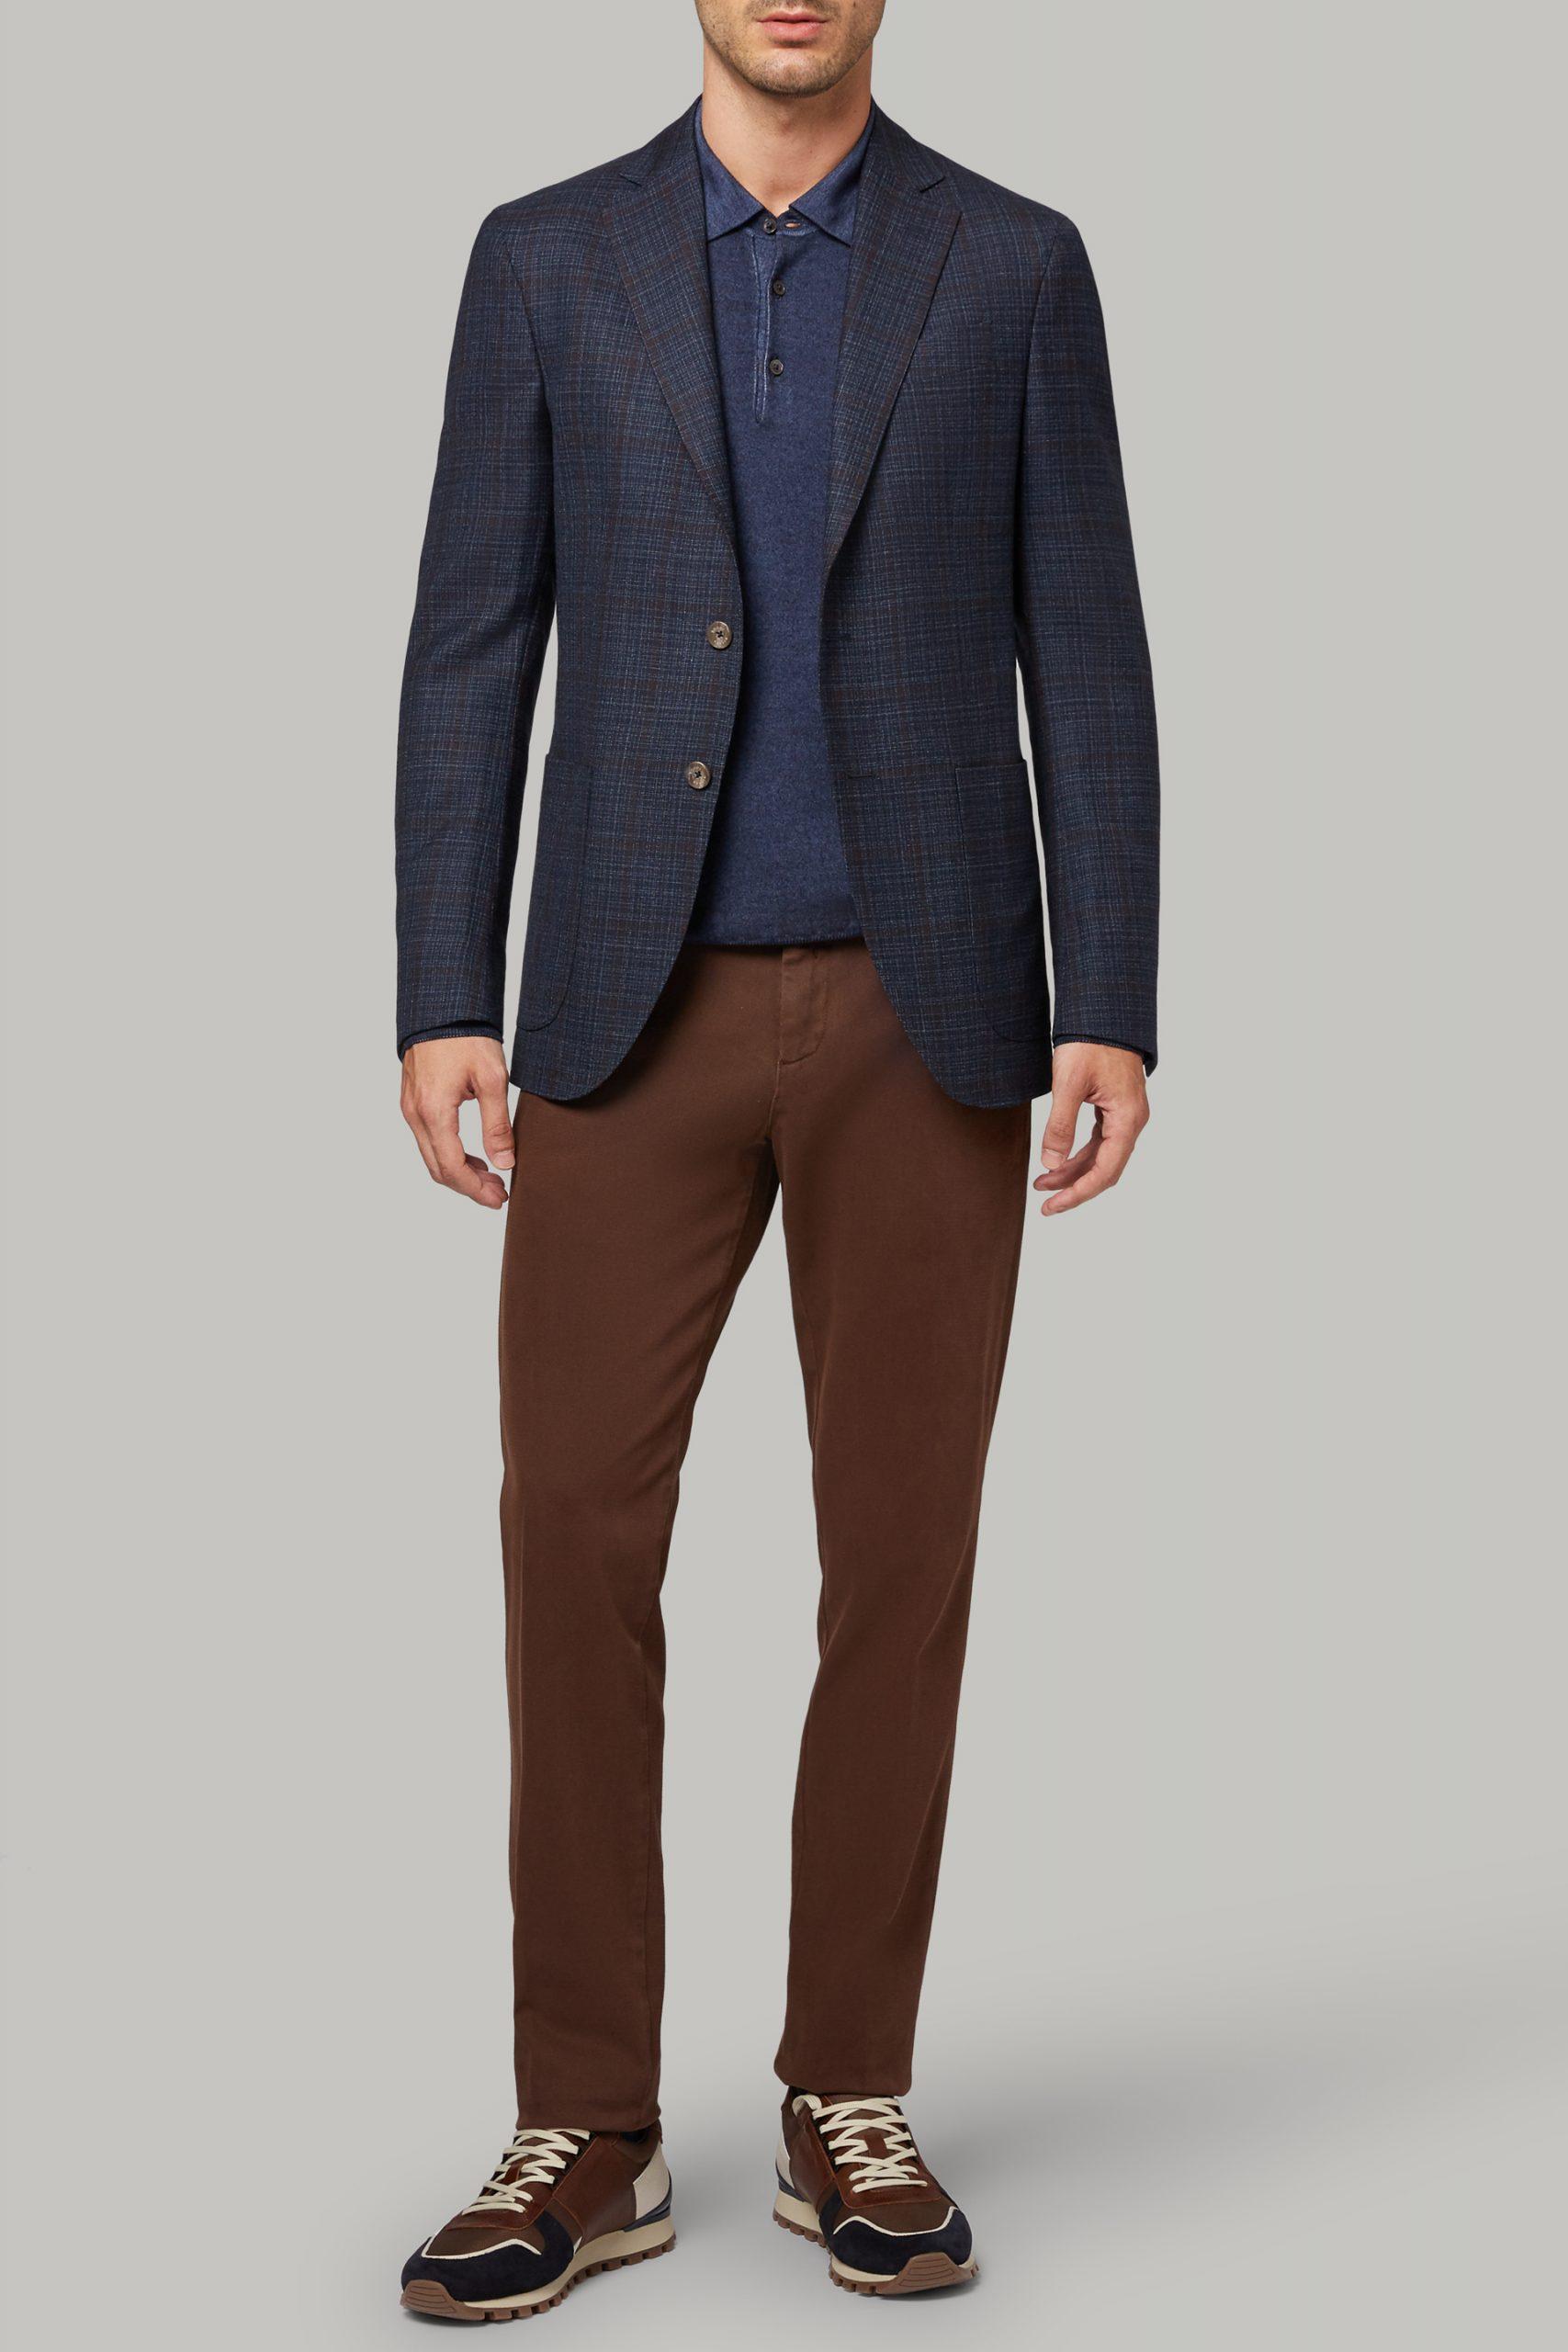 Blazers da uomo in colore Blu Marrone in materiale